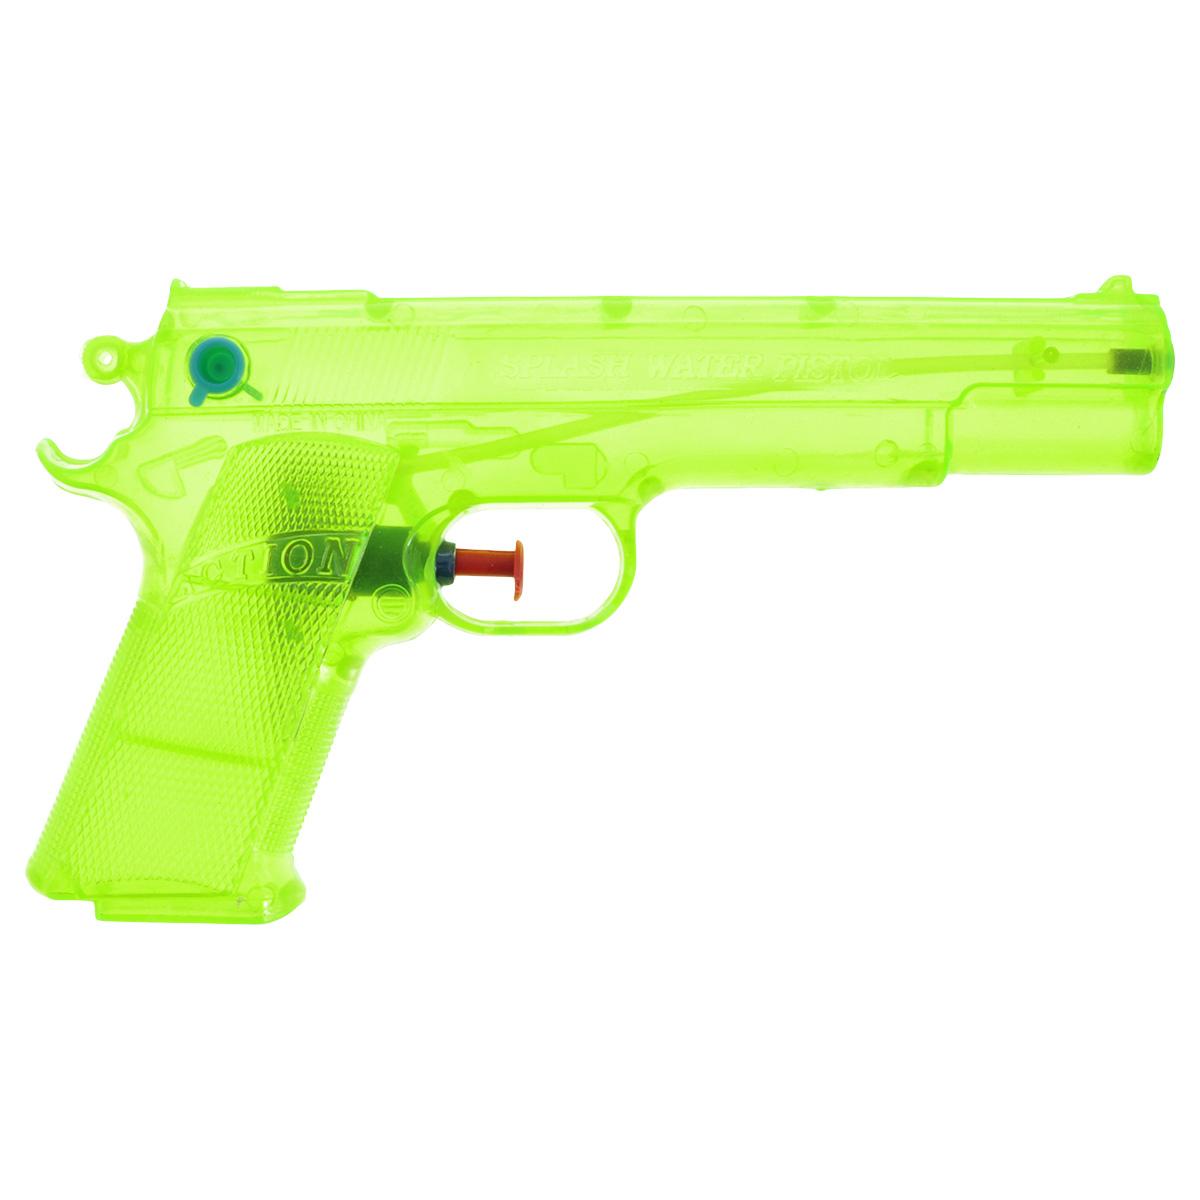 Водный пистолет Bebelot Суперагент. BEB1106-007 водный пистолет bebelot суперагент beb1106 006